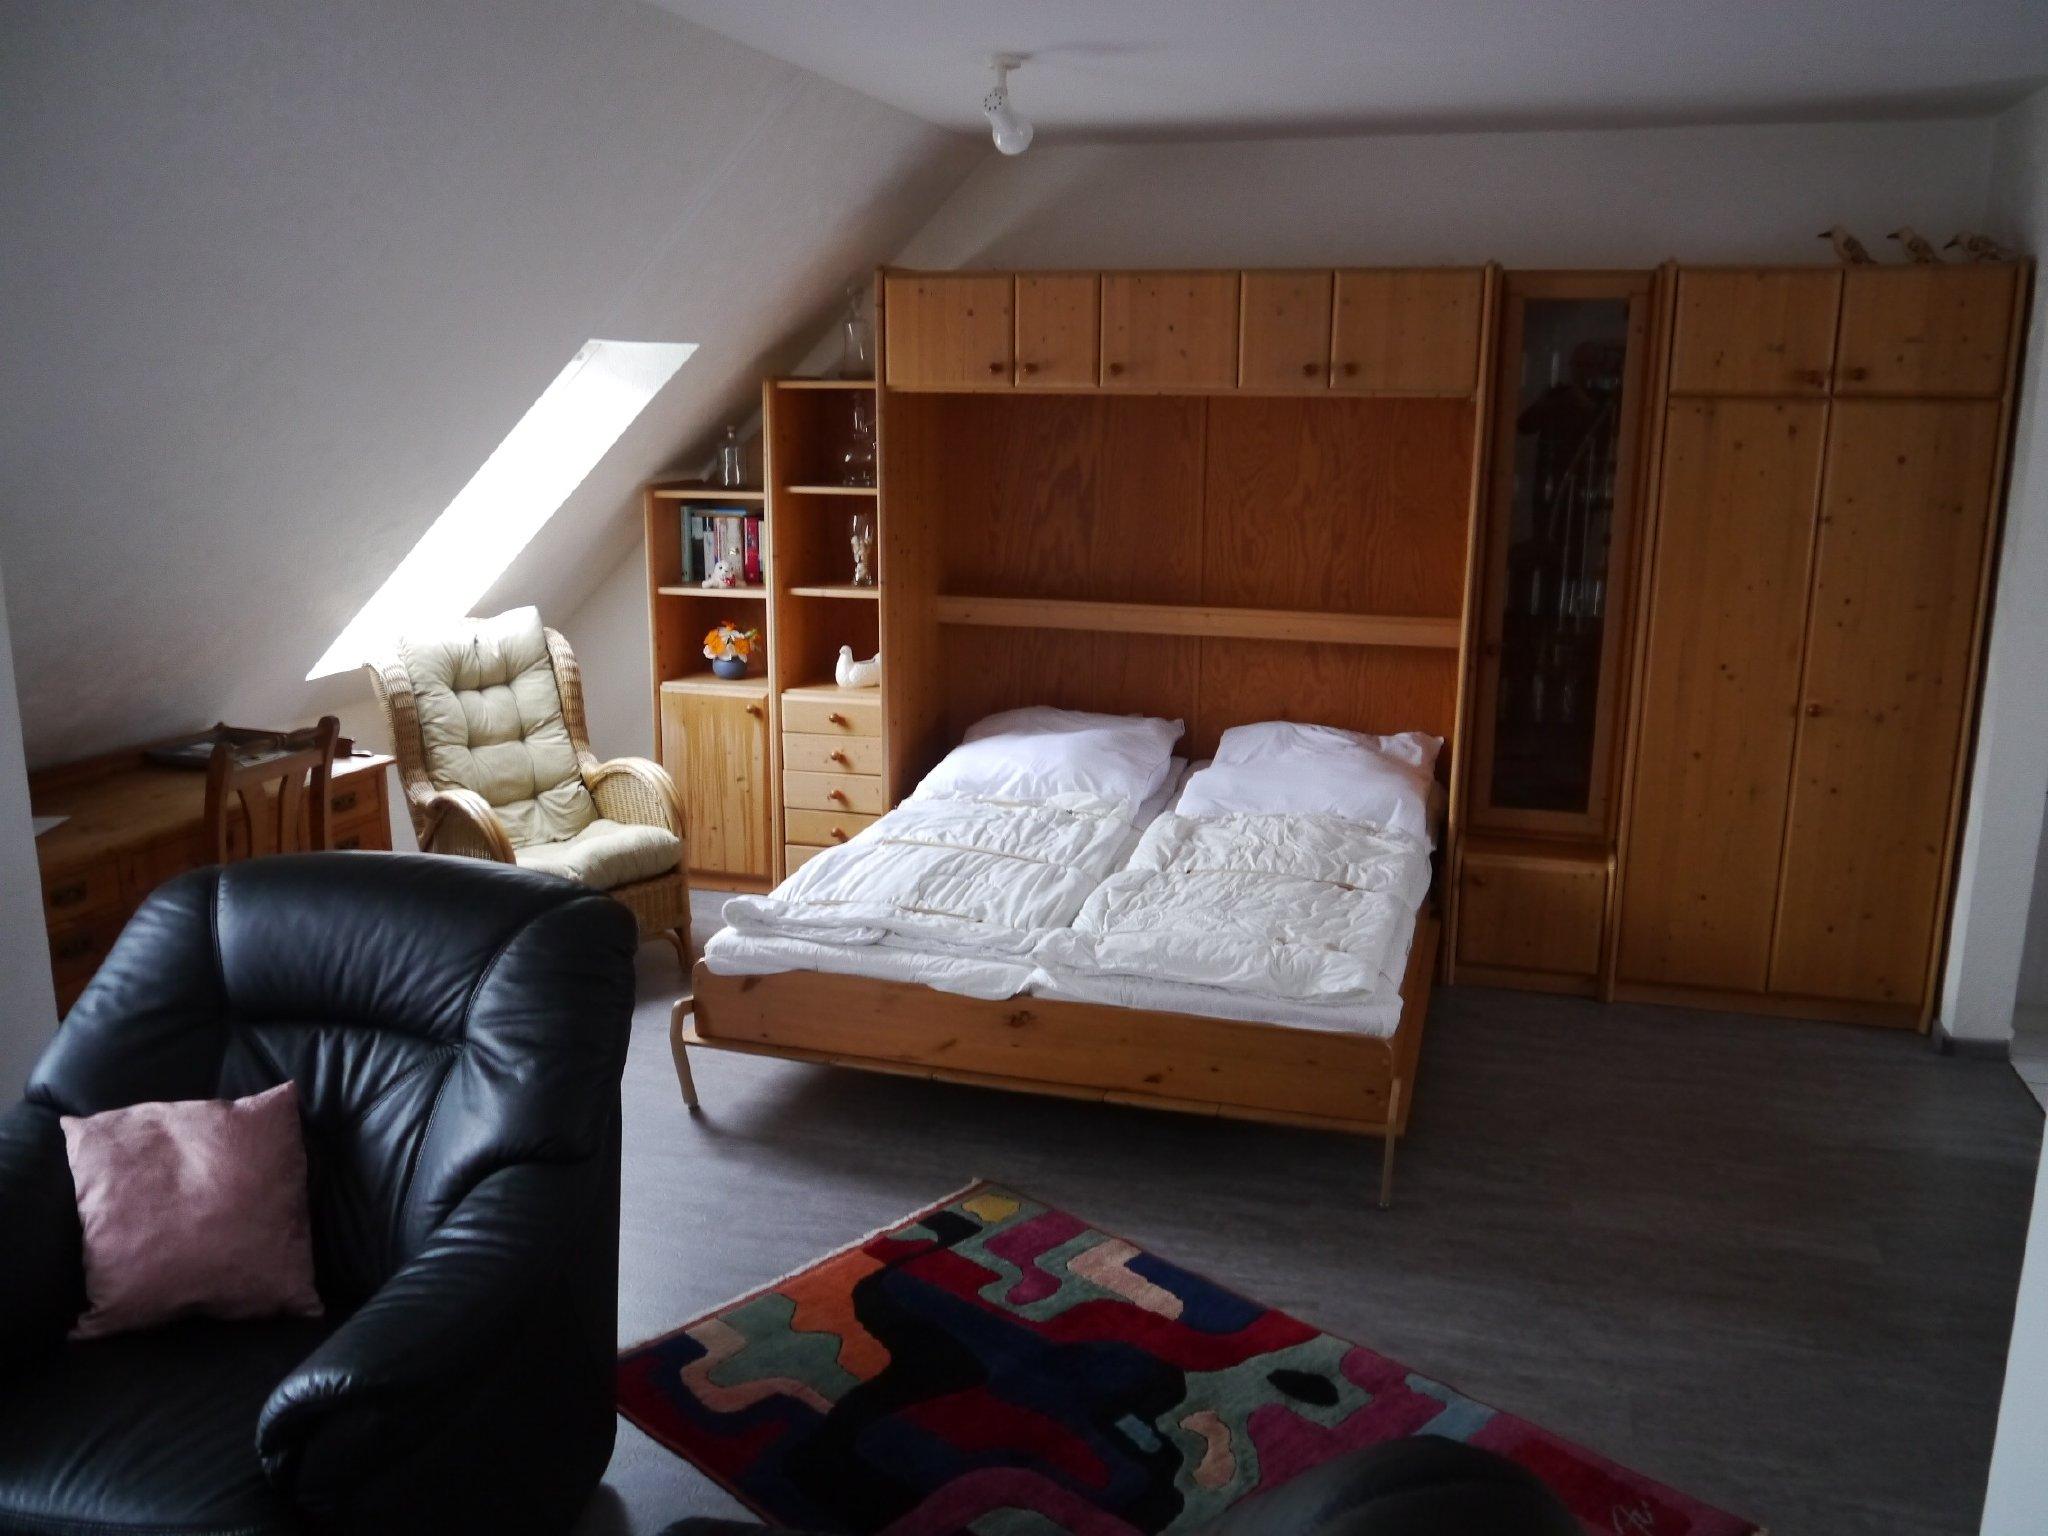 Schrankwand mit zusätzlichem Doppelbett